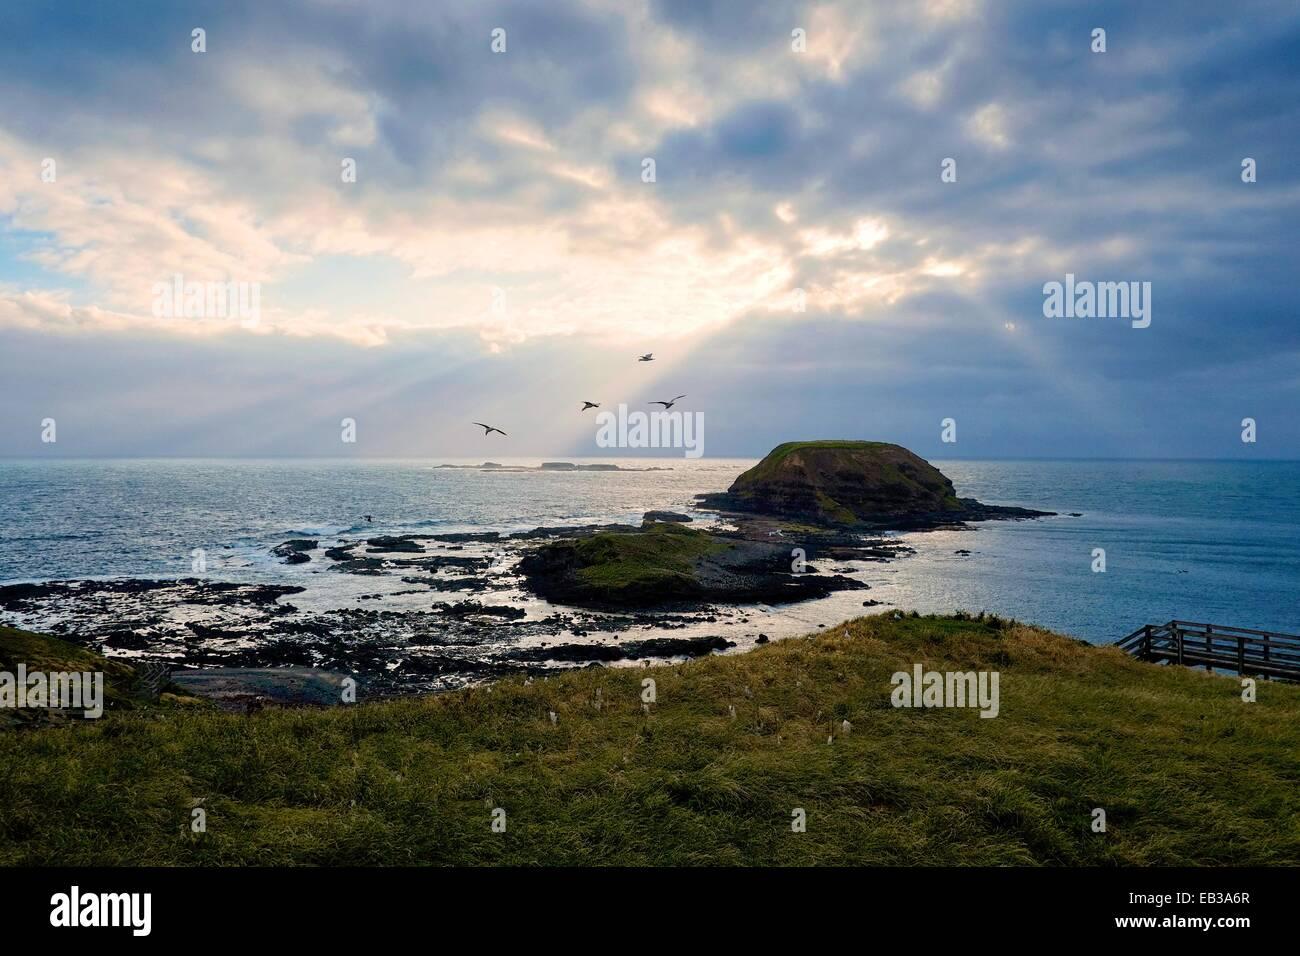 Australia, Phillip Island Nature Park, bajíos rocosos visto desde la orilla de hierba Imagen De Stock